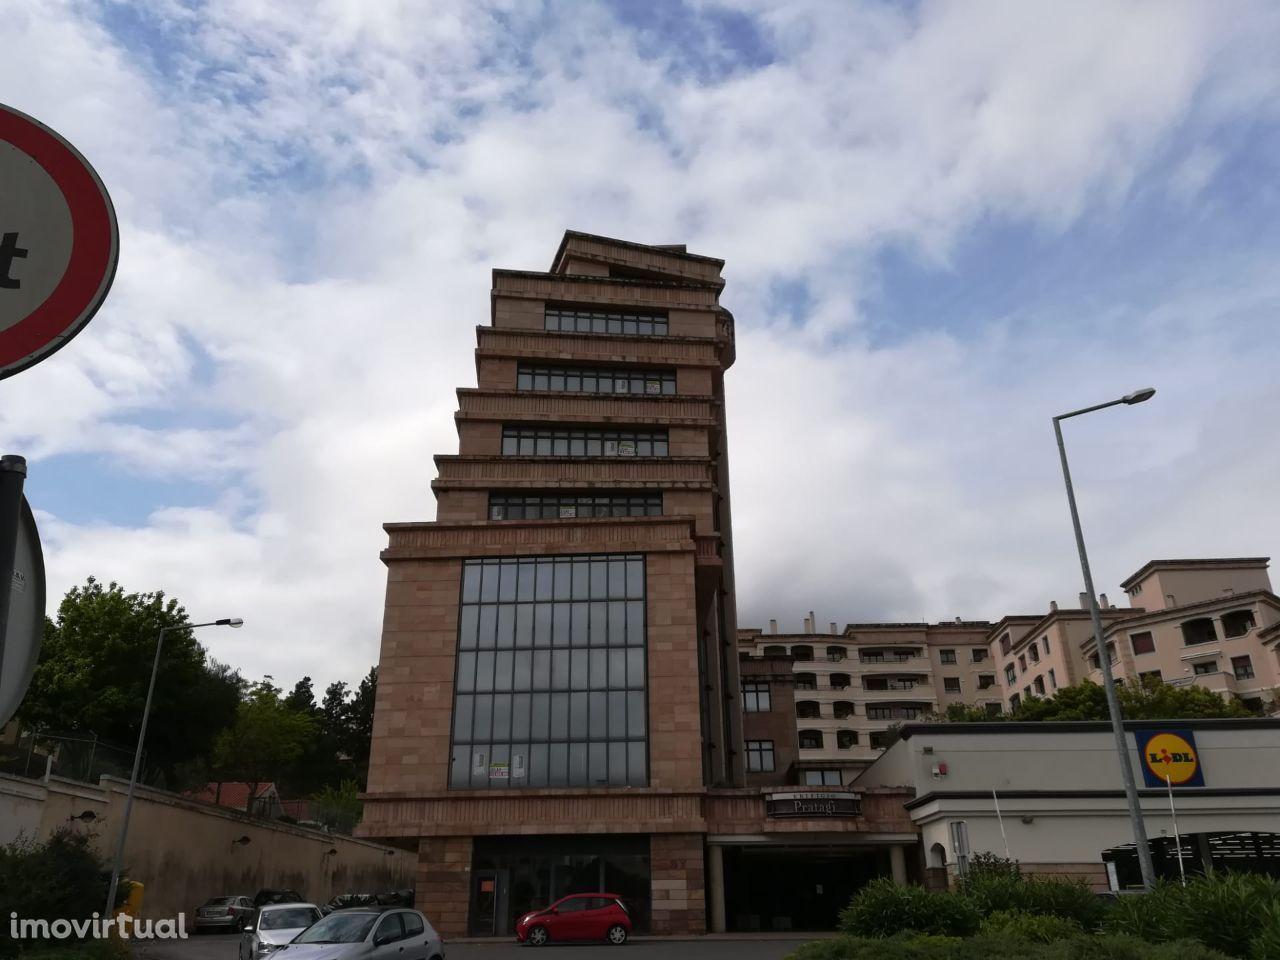 LCE1801 - Escritório para venda, em Vila Franca de Xira